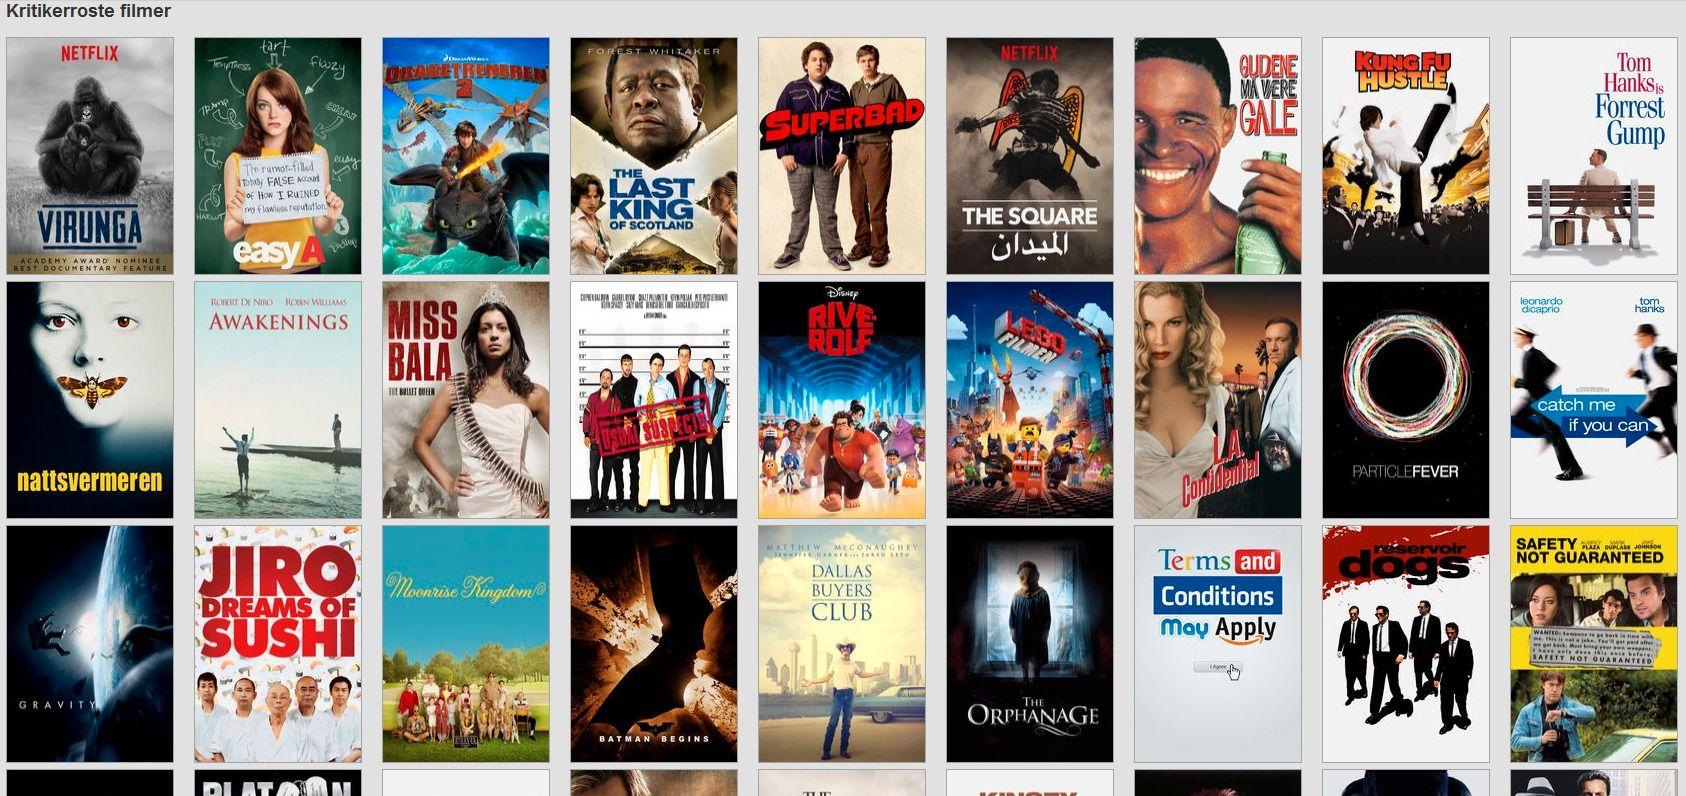 Mye enklere. Foto: Netflix